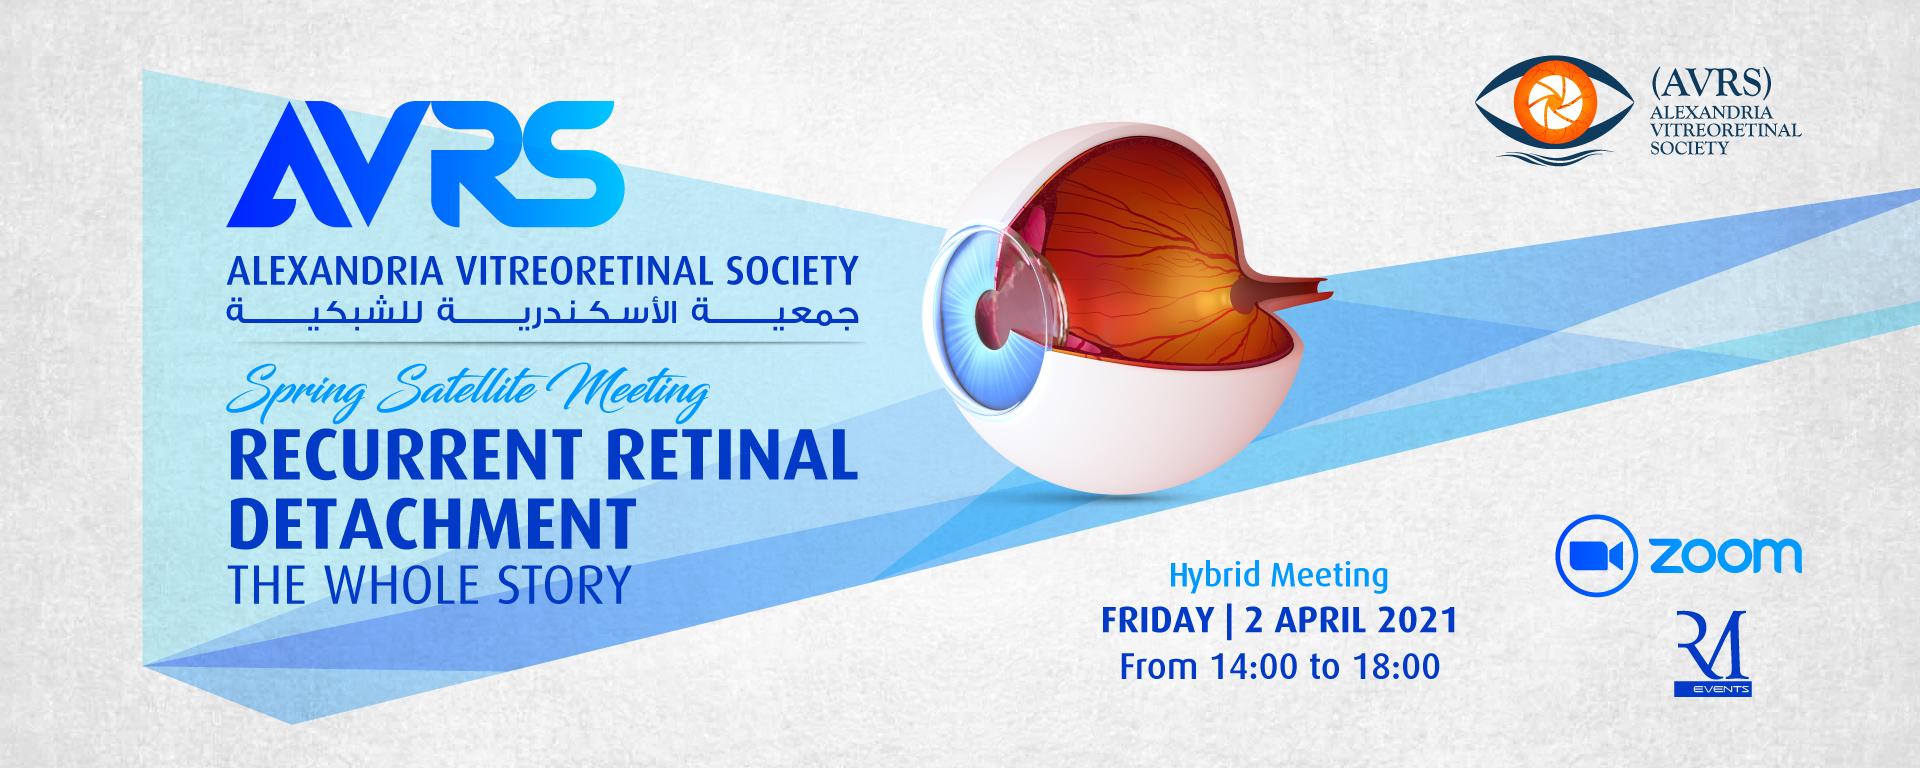 Alexandria Vitreoretinal Society(AVRS)